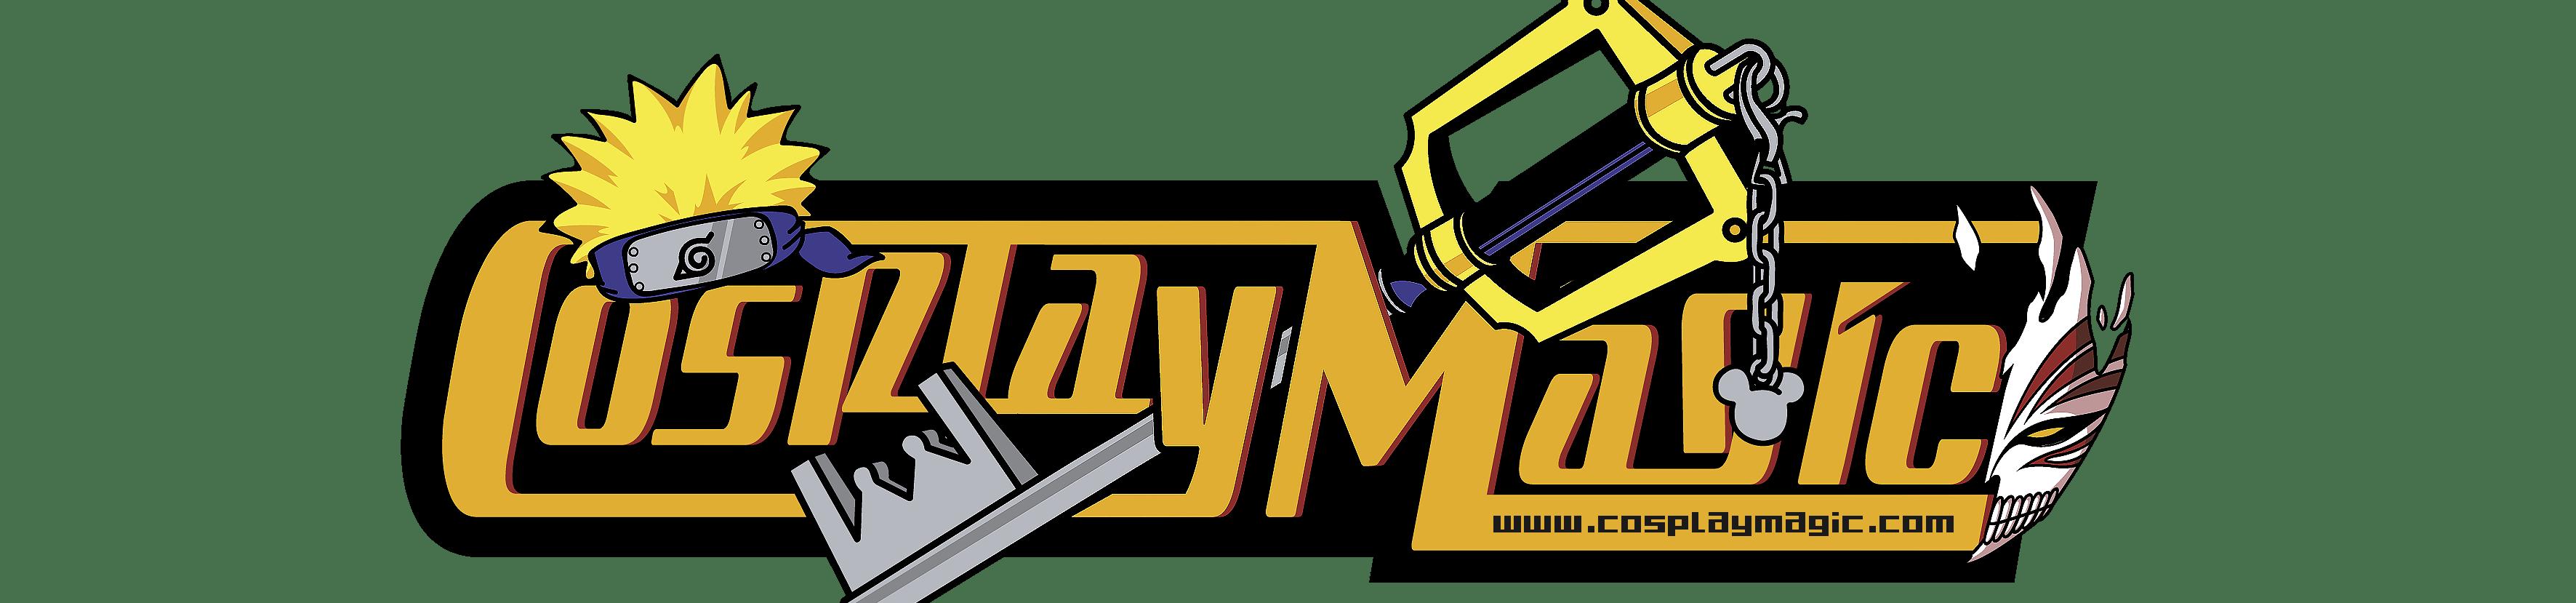 Cosplaymagic.com